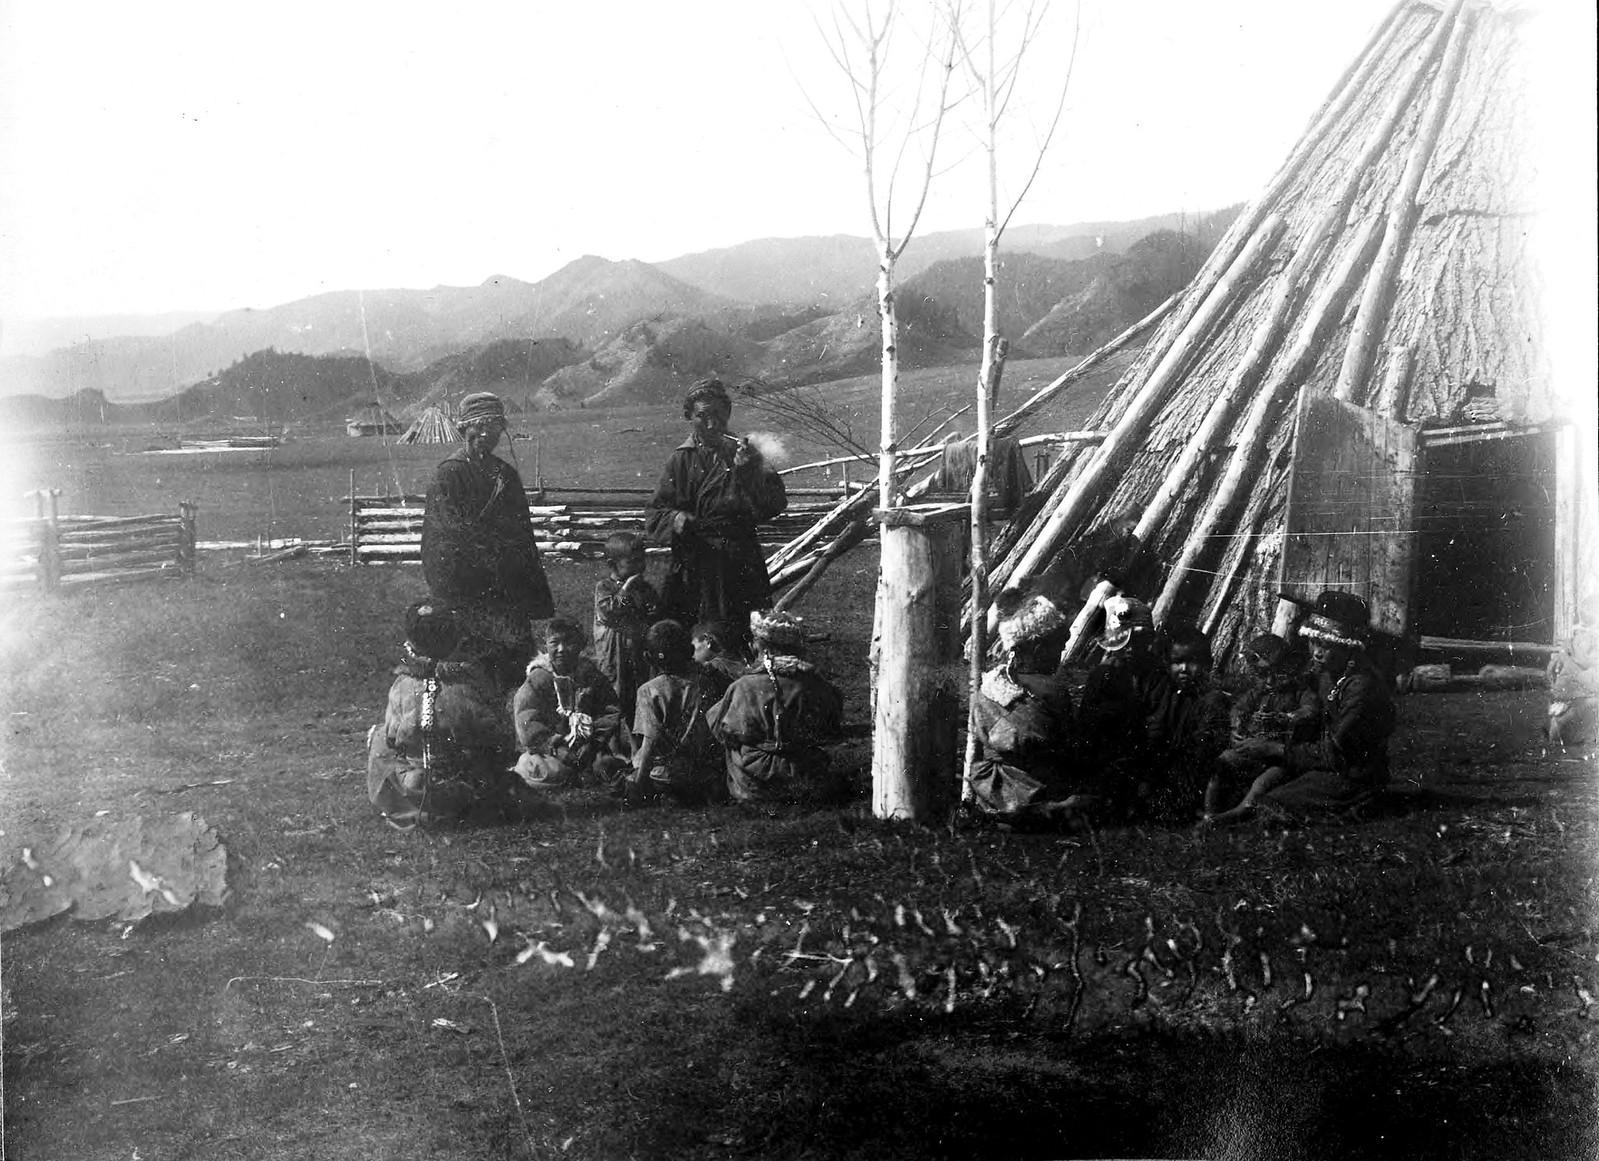 Дети алтай-кижи с косичками в национальных костюмах